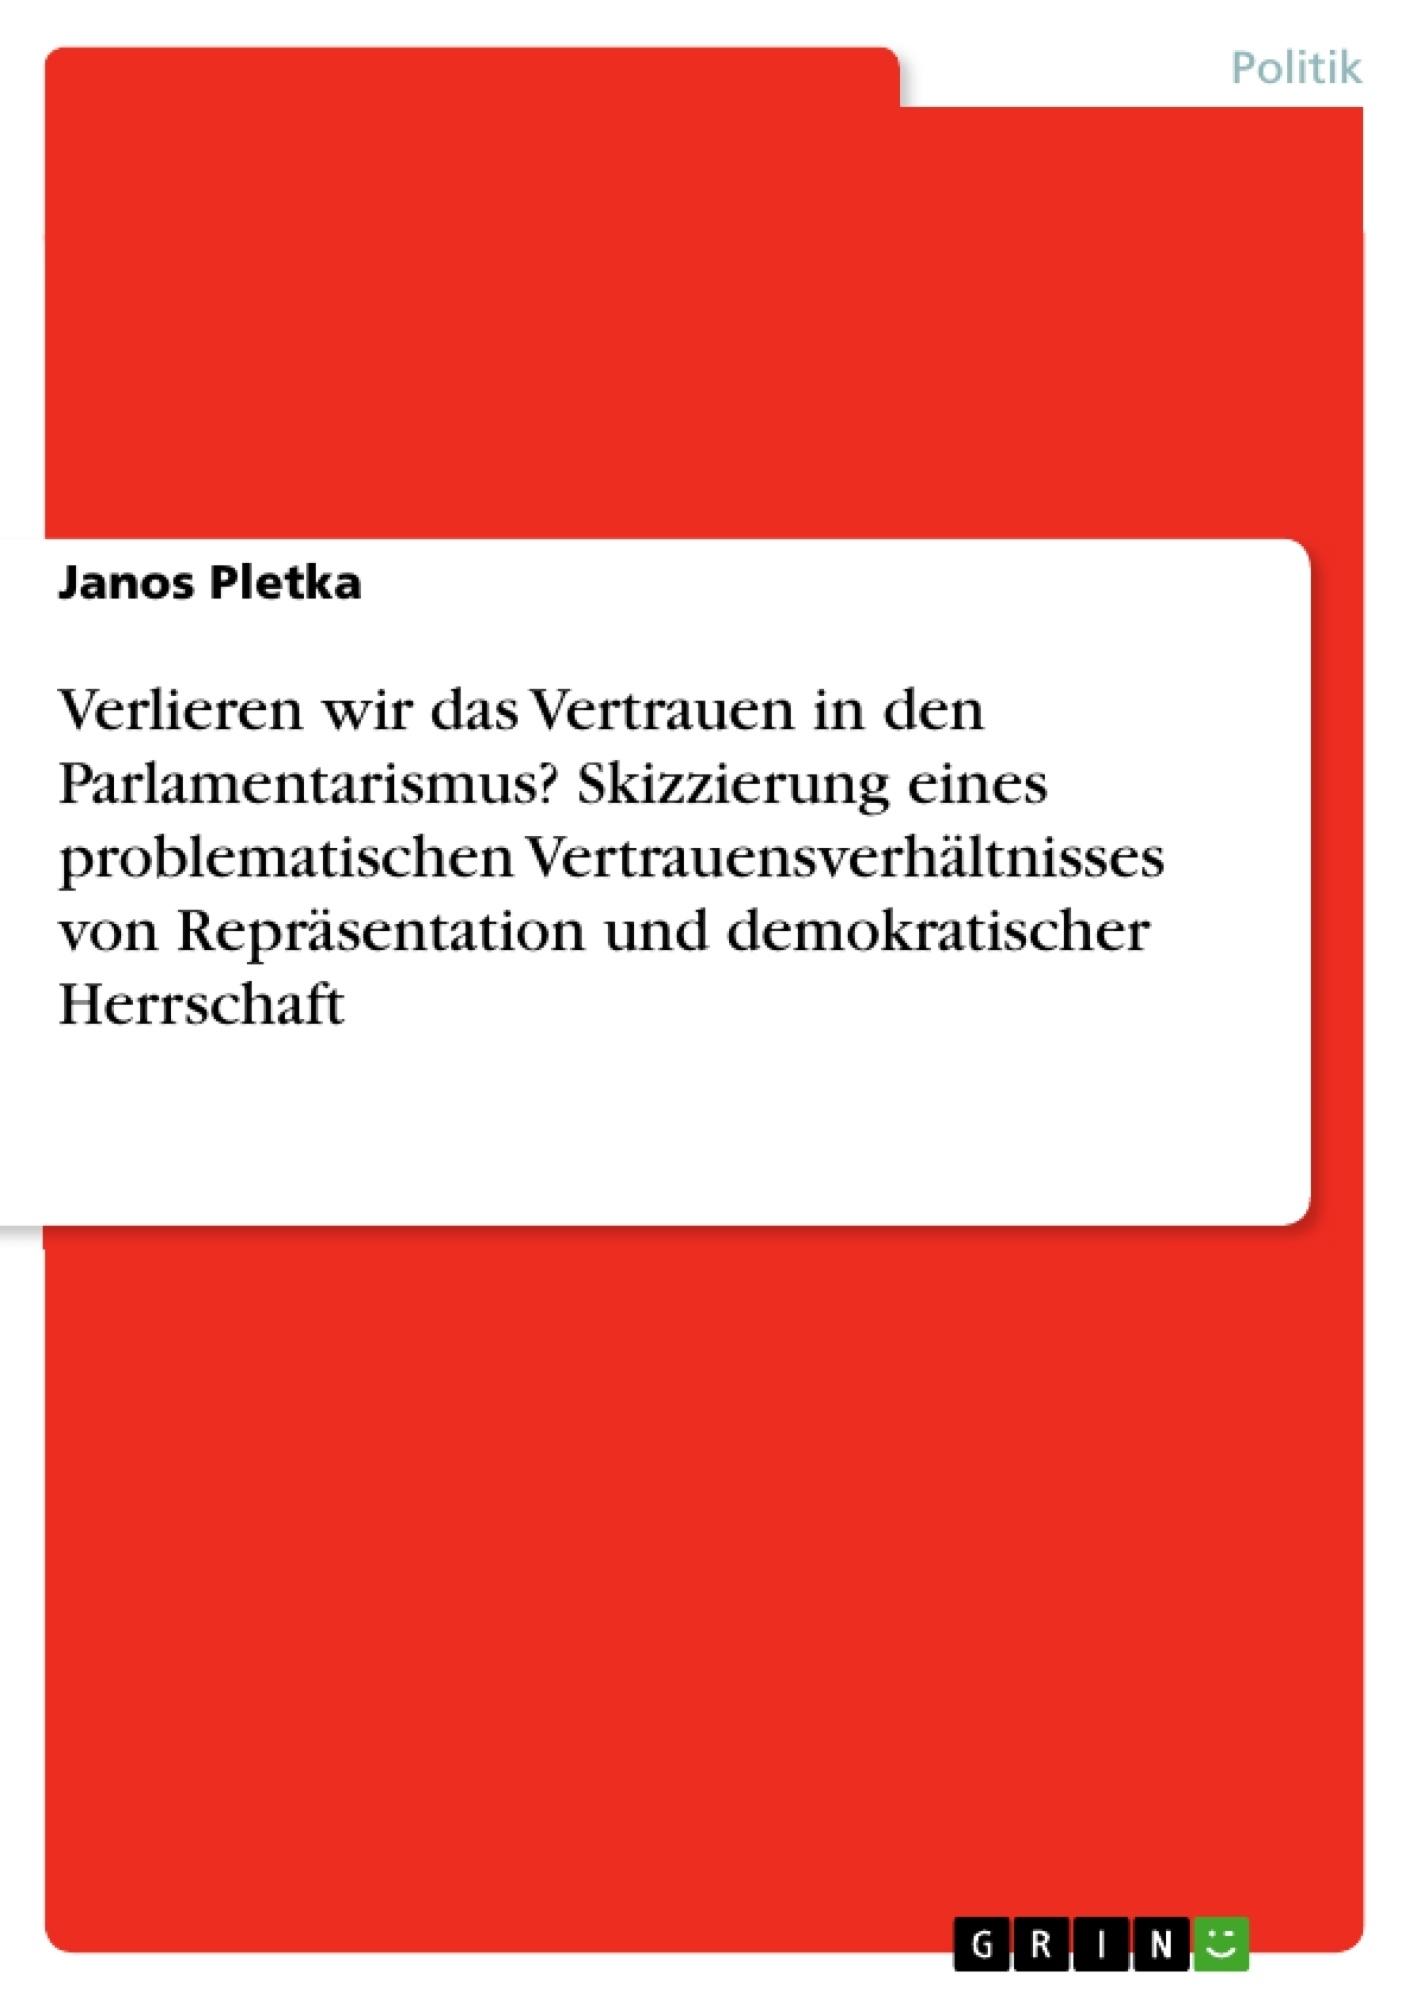 Titel: Verlieren wir das Vertrauen in den Parlamentarismus? Skizzierung eines problematischen Vertrauensverhältnisses von Repräsentation und demokratischer Herrschaft